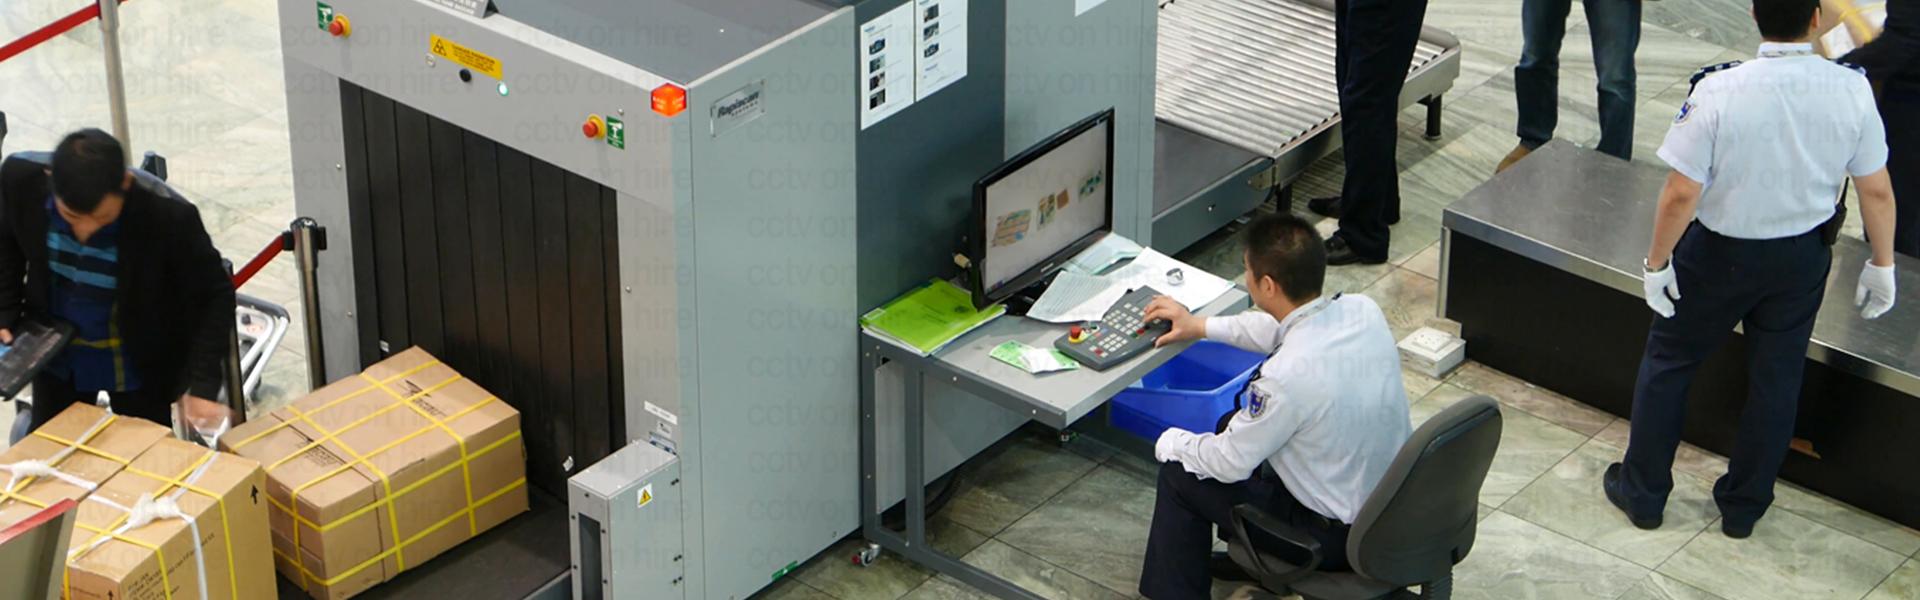 Baggage scanner rental services